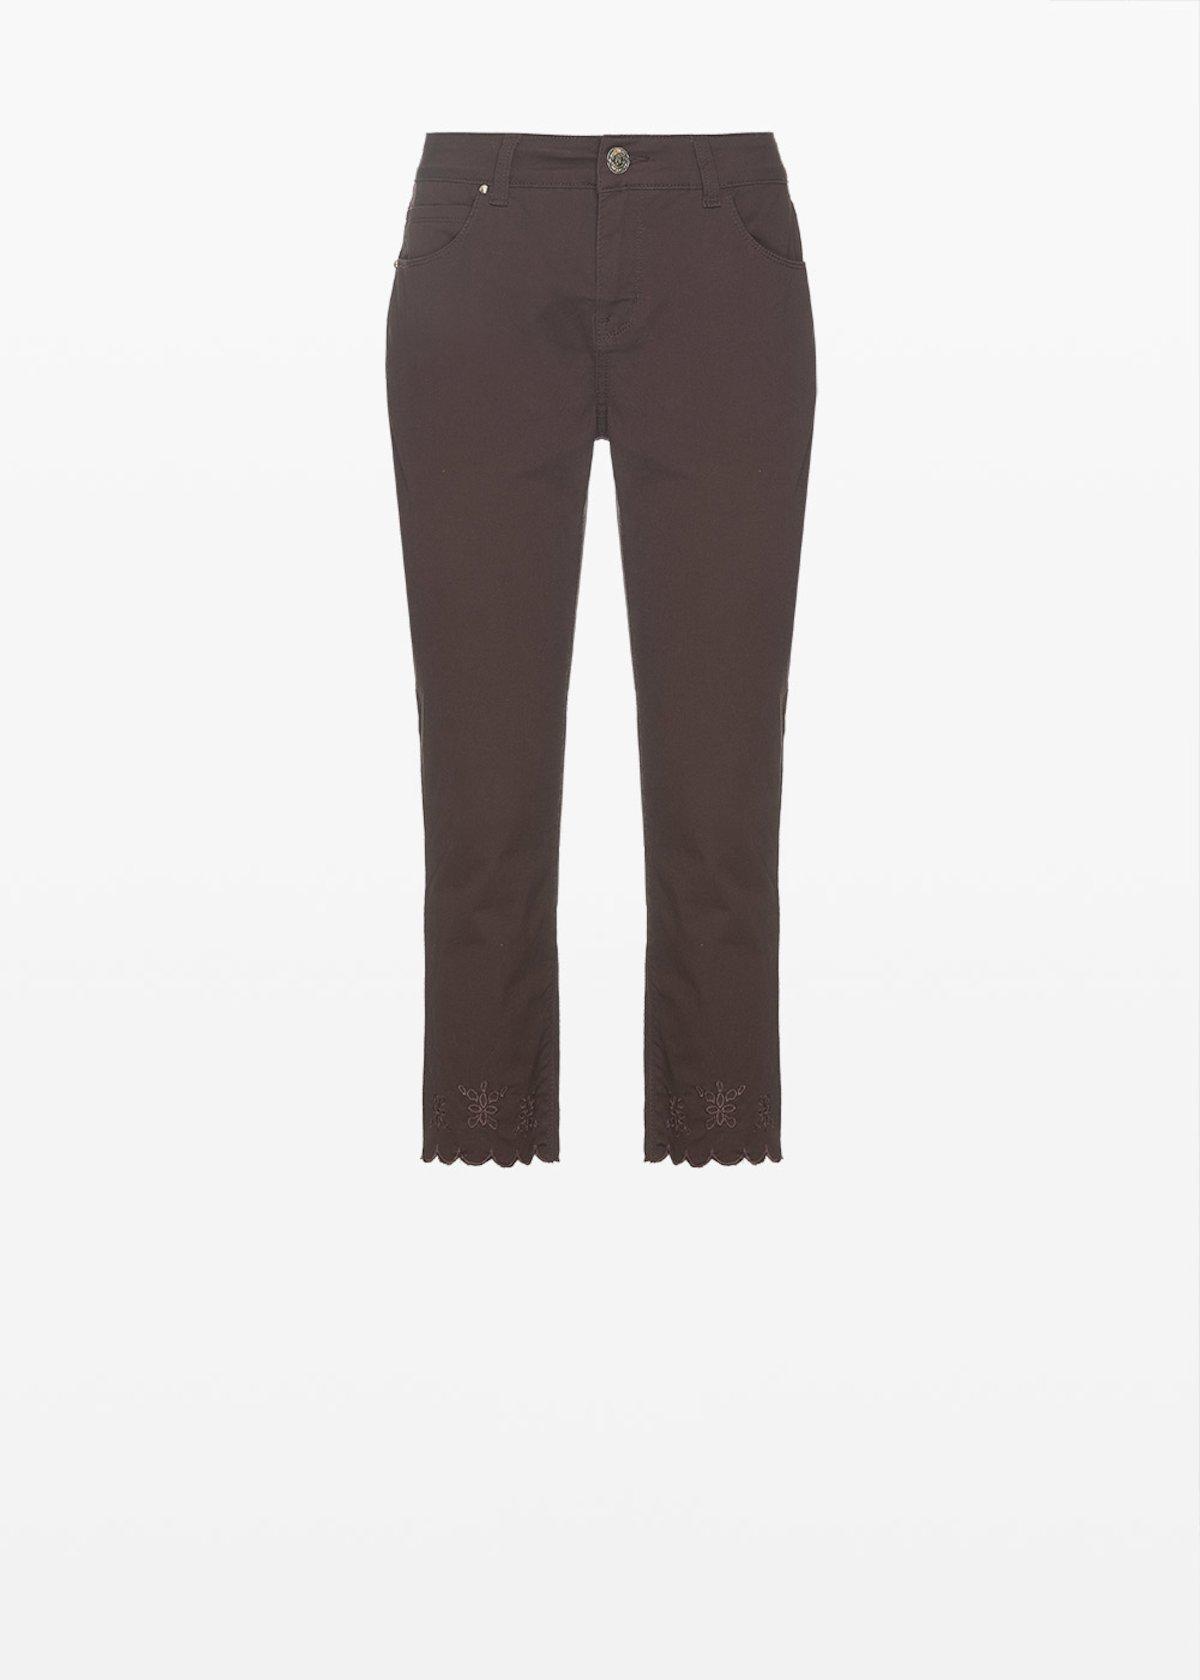 Capri trousers Palmer con fondo gamba smerlato - Crosta - Donna - Immagine categoria